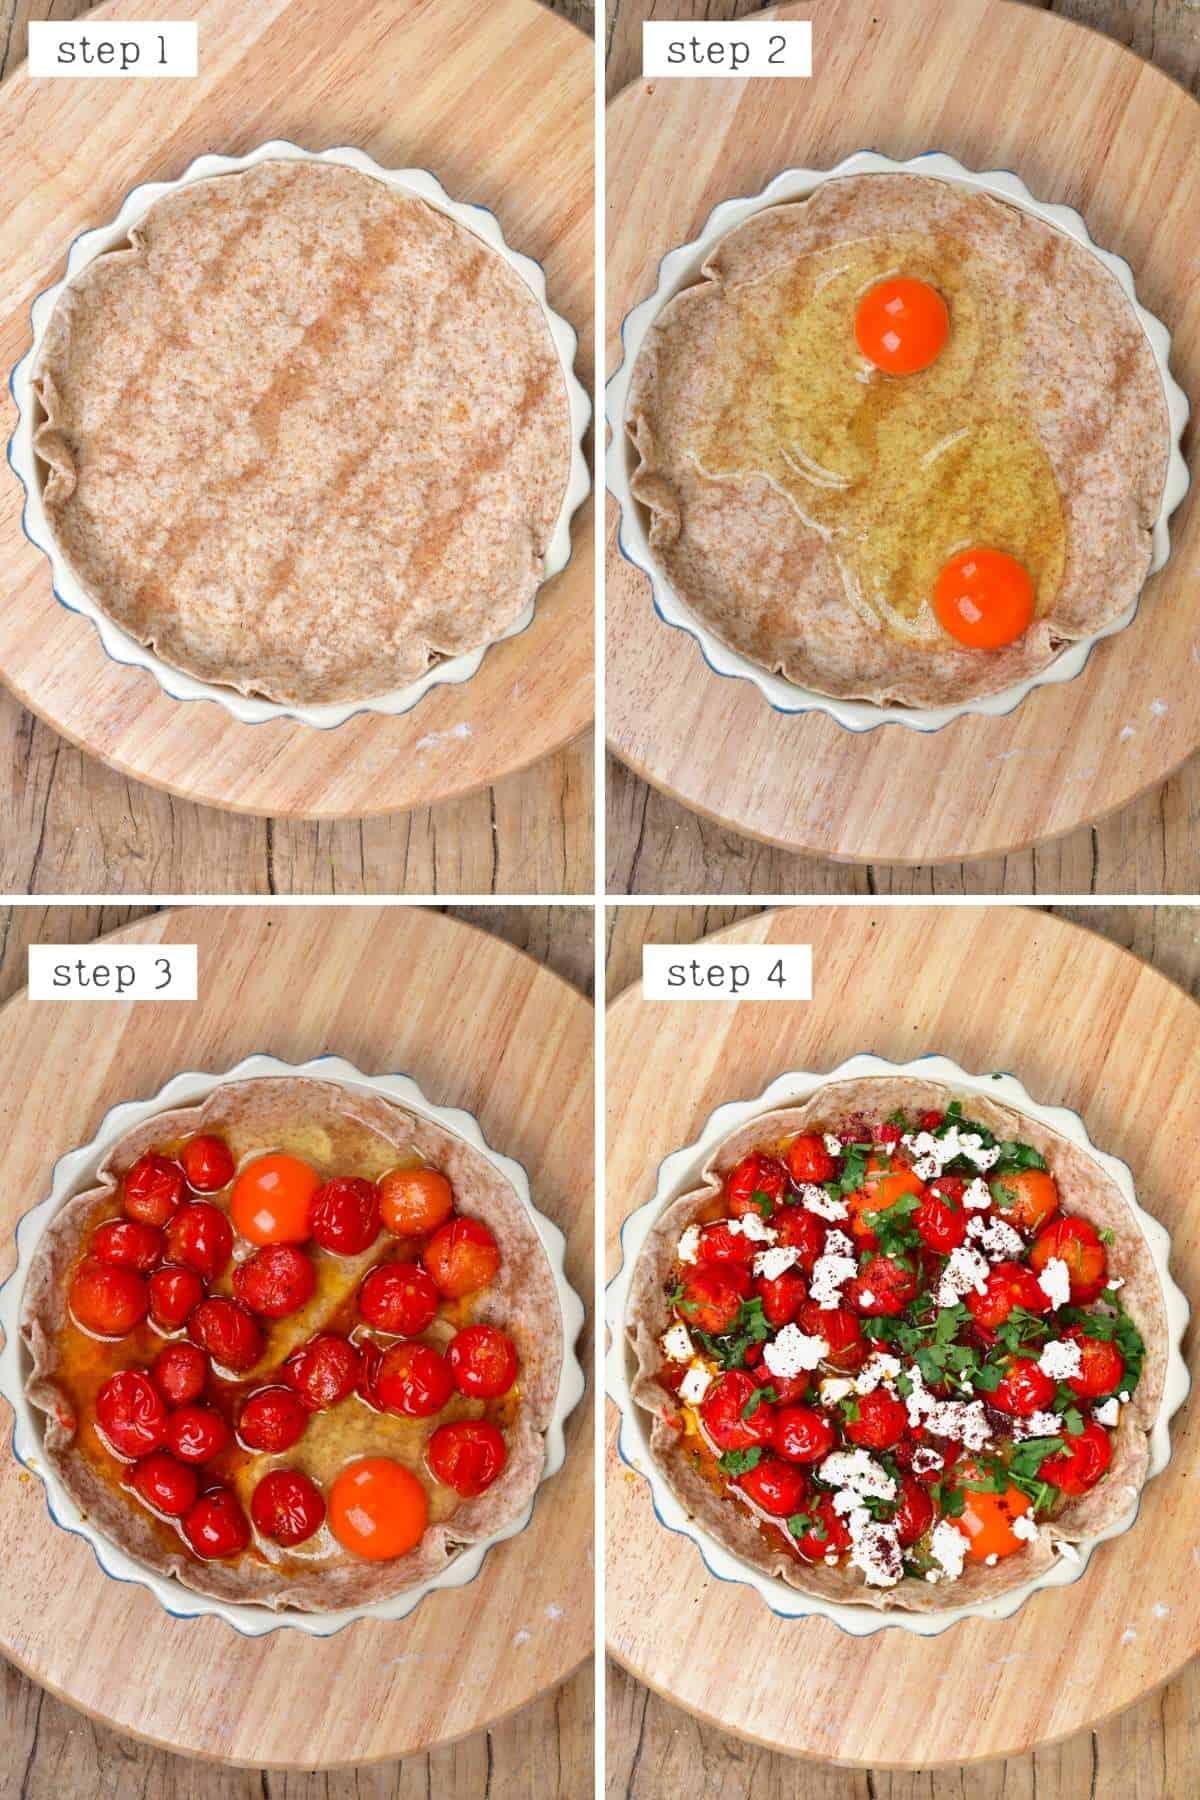 Steps for preparing tomato egg breakfast